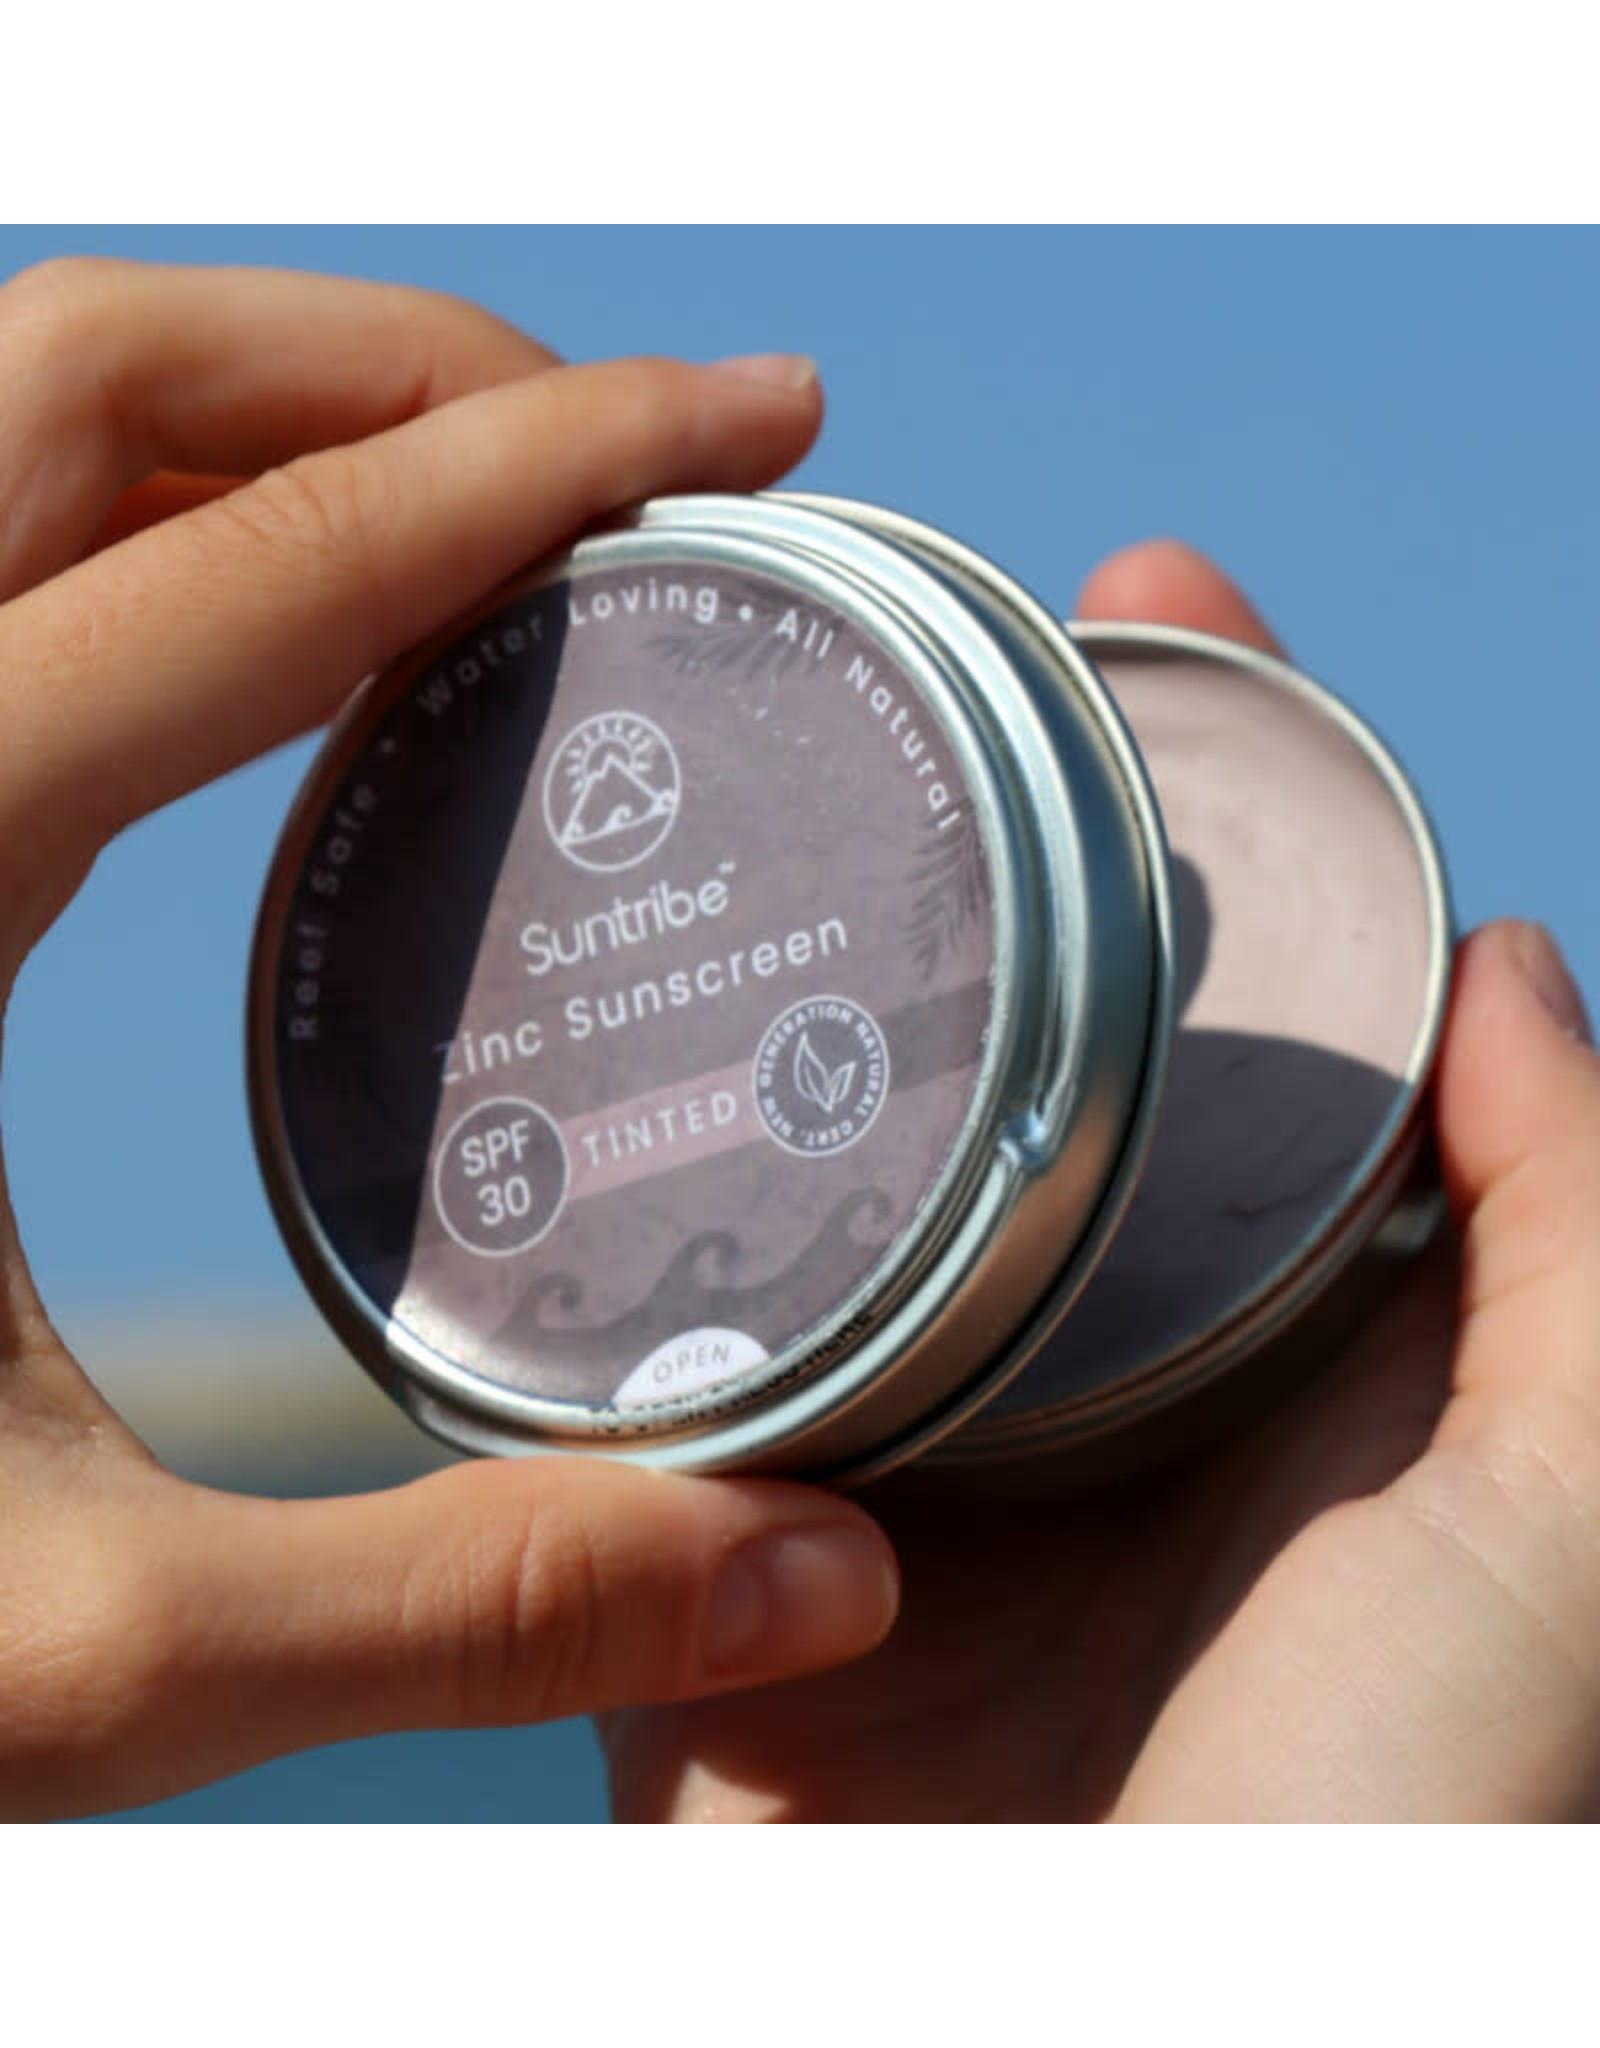 Suntribe Suntribe Face & Sport Natural Sunscreen Zinc - SPF 30 - Tan Mud